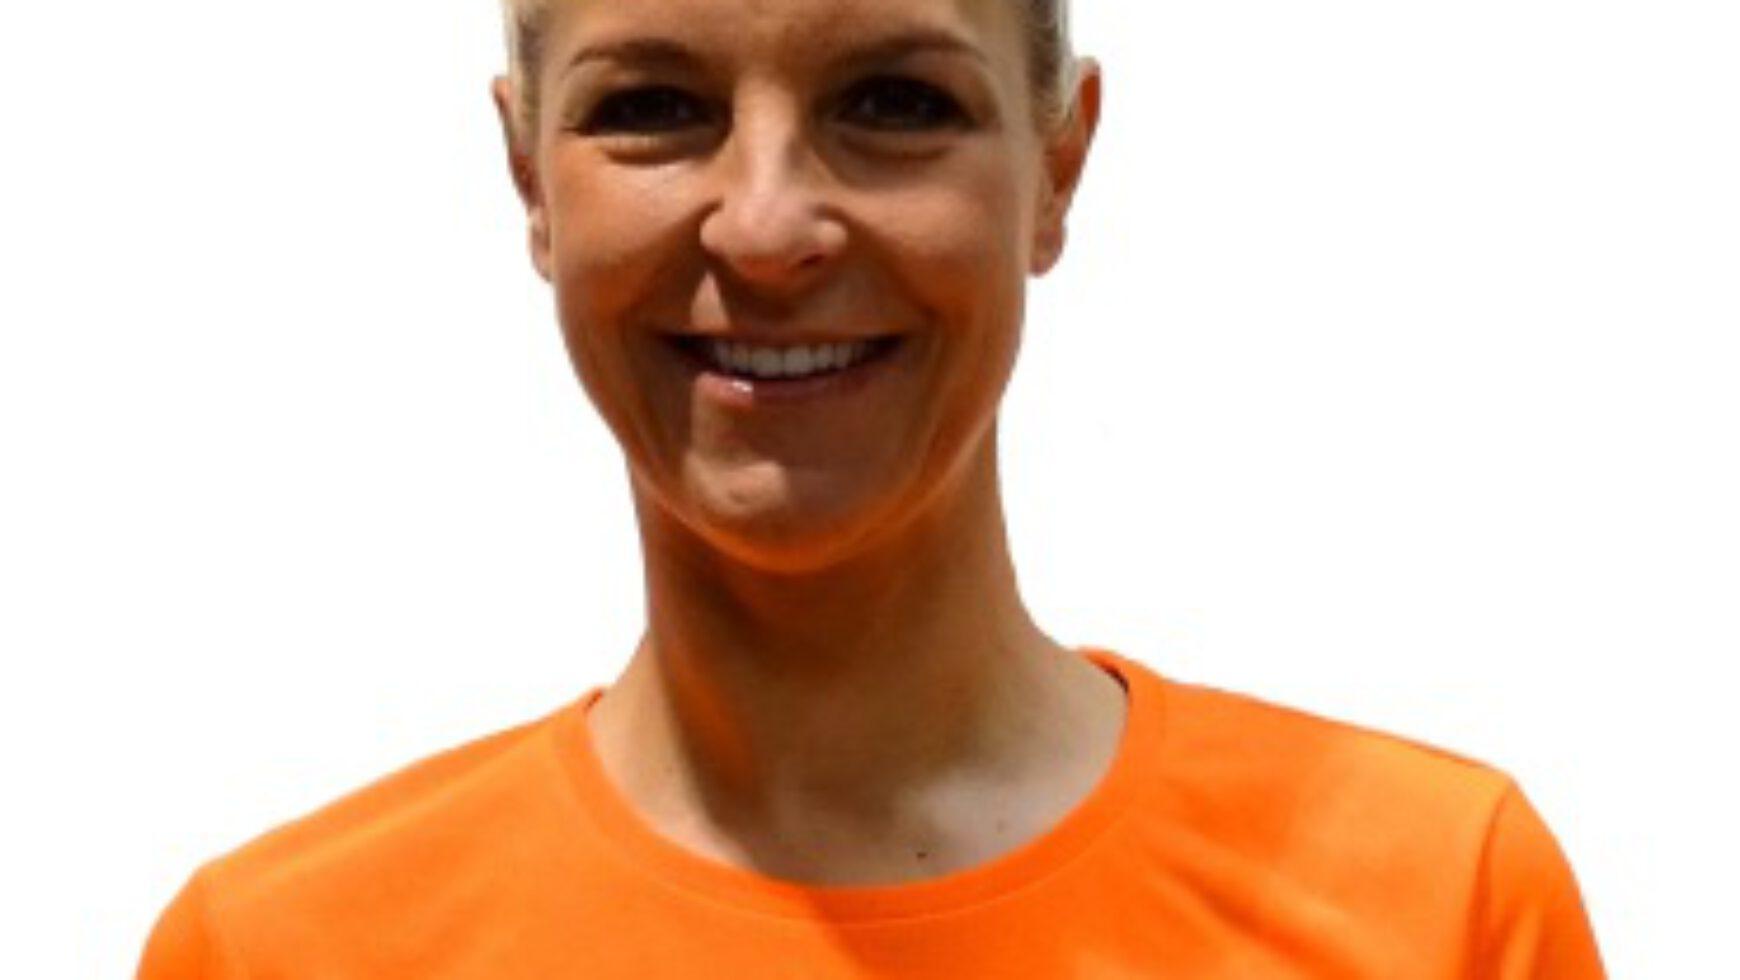 Melanie Eysoldt